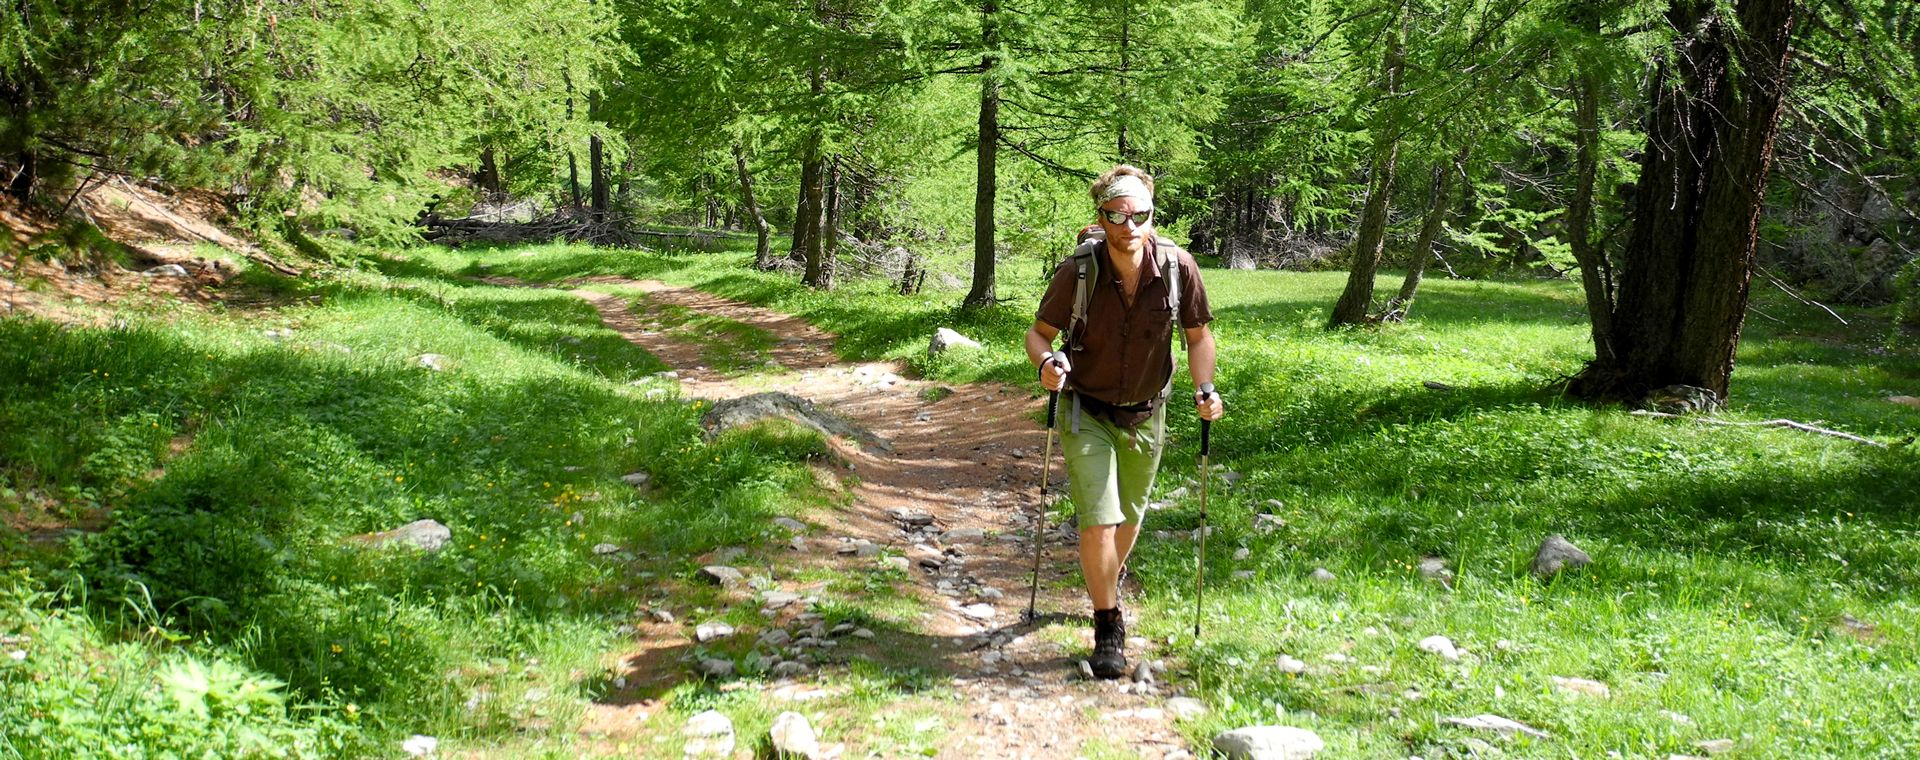 Voyage à pied : Tour du Queyras en hôtels